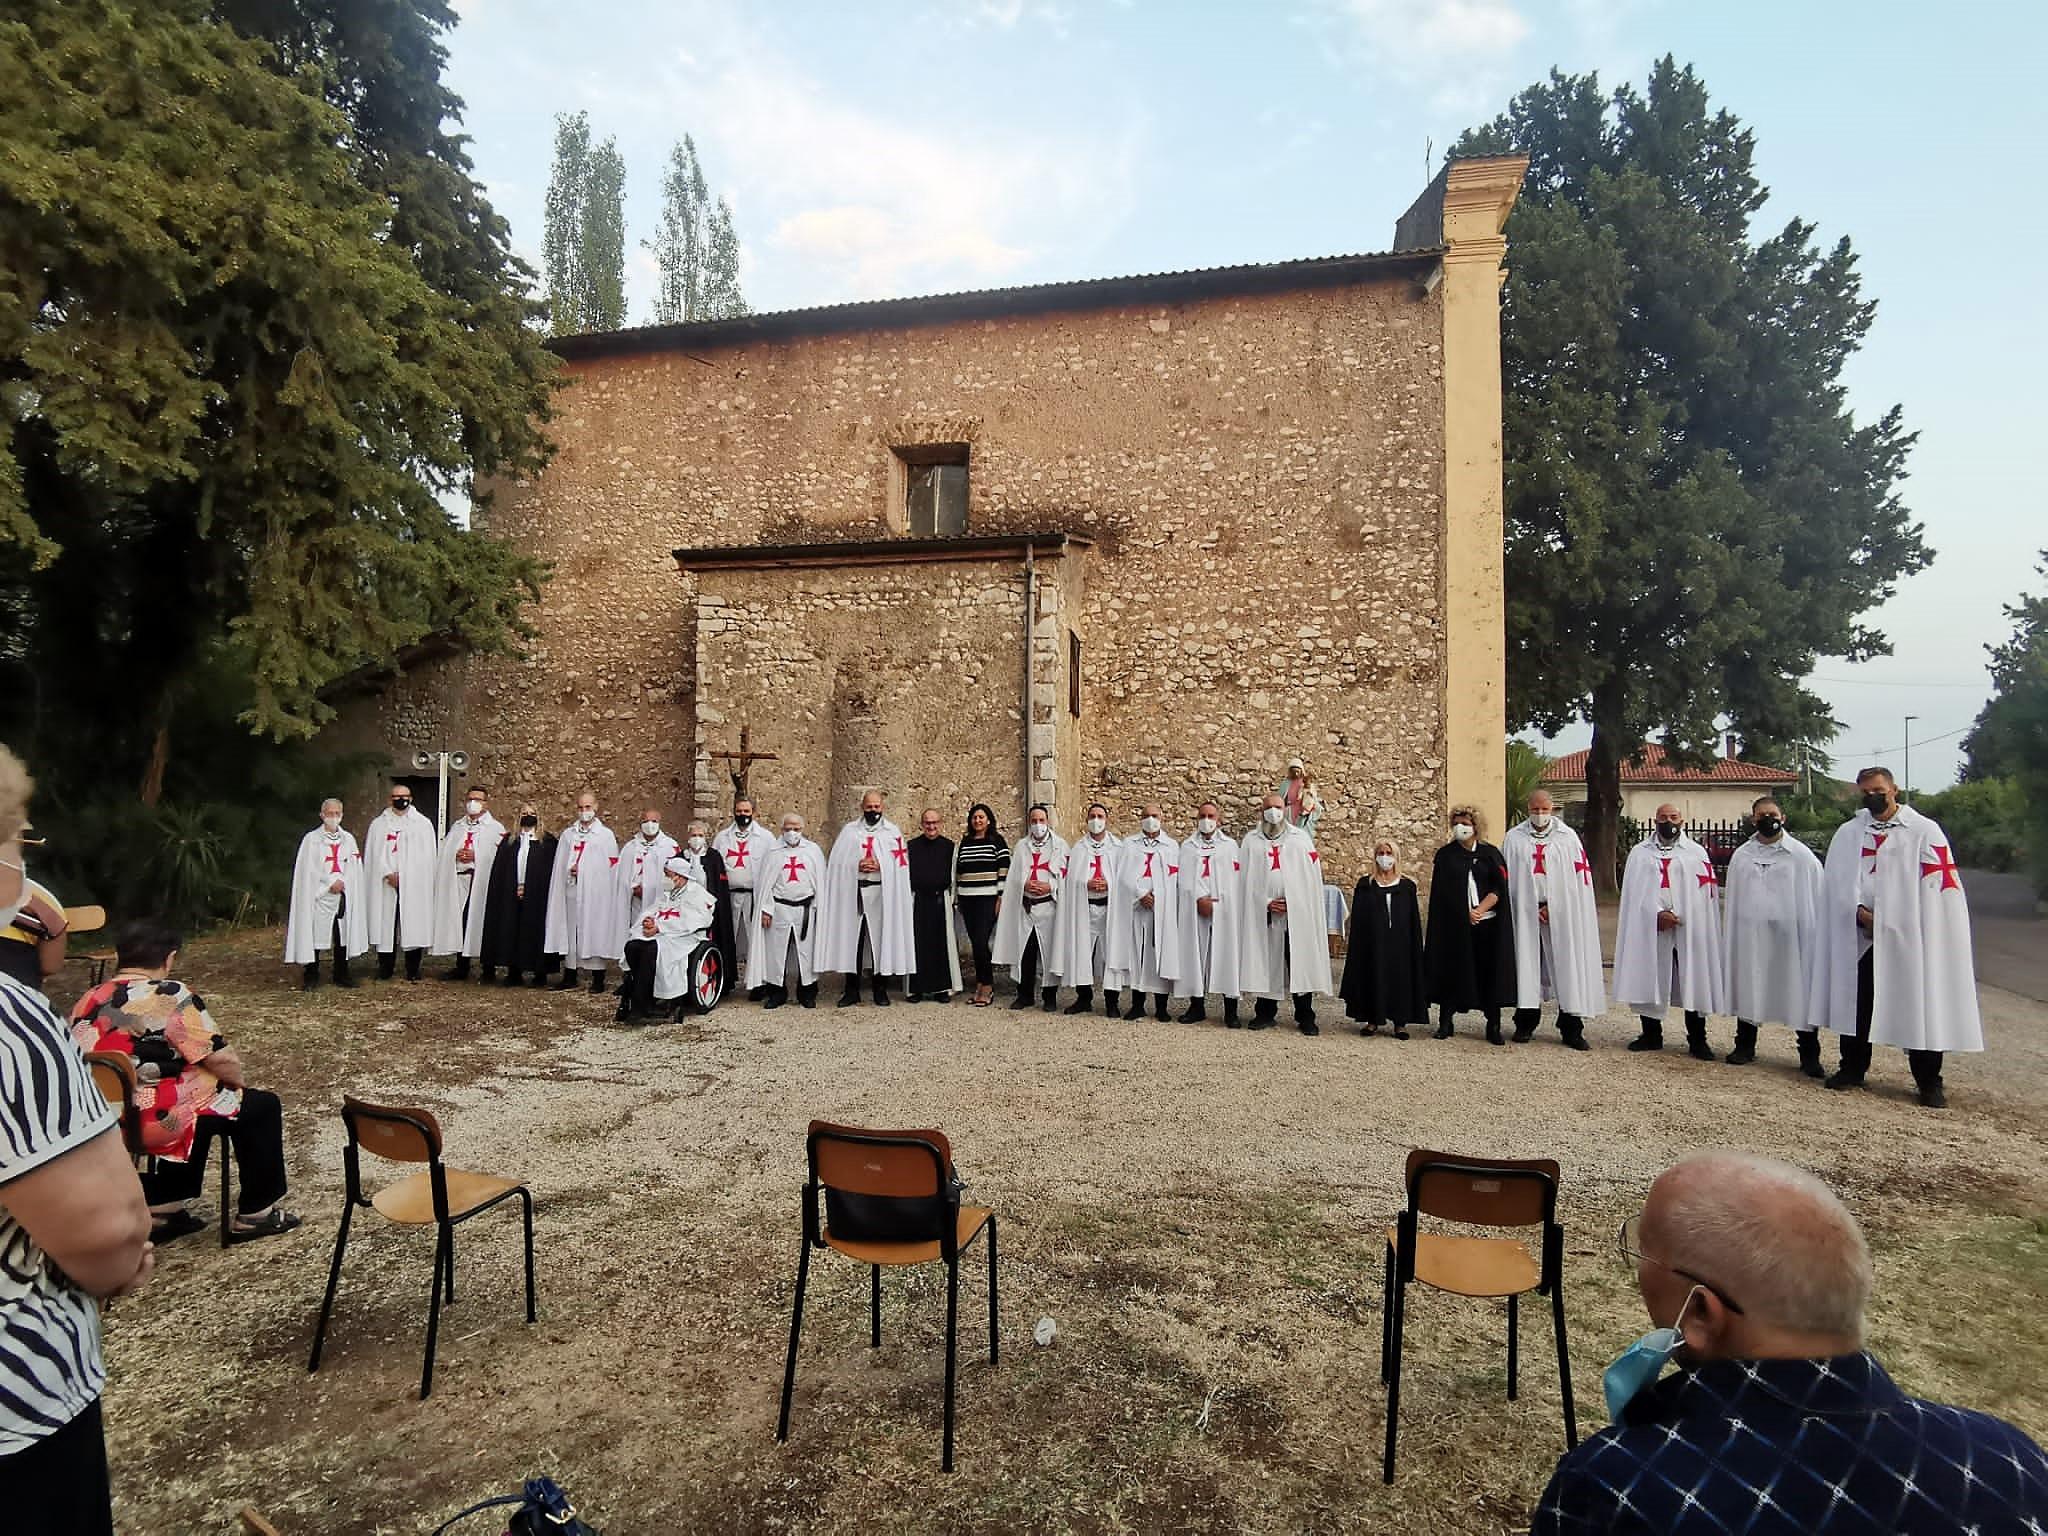 Custodia durante la Santa Messa Solenne dedicata alla Madonna del Fossato a Sermoneta Scalo (LT) 11.09.2021